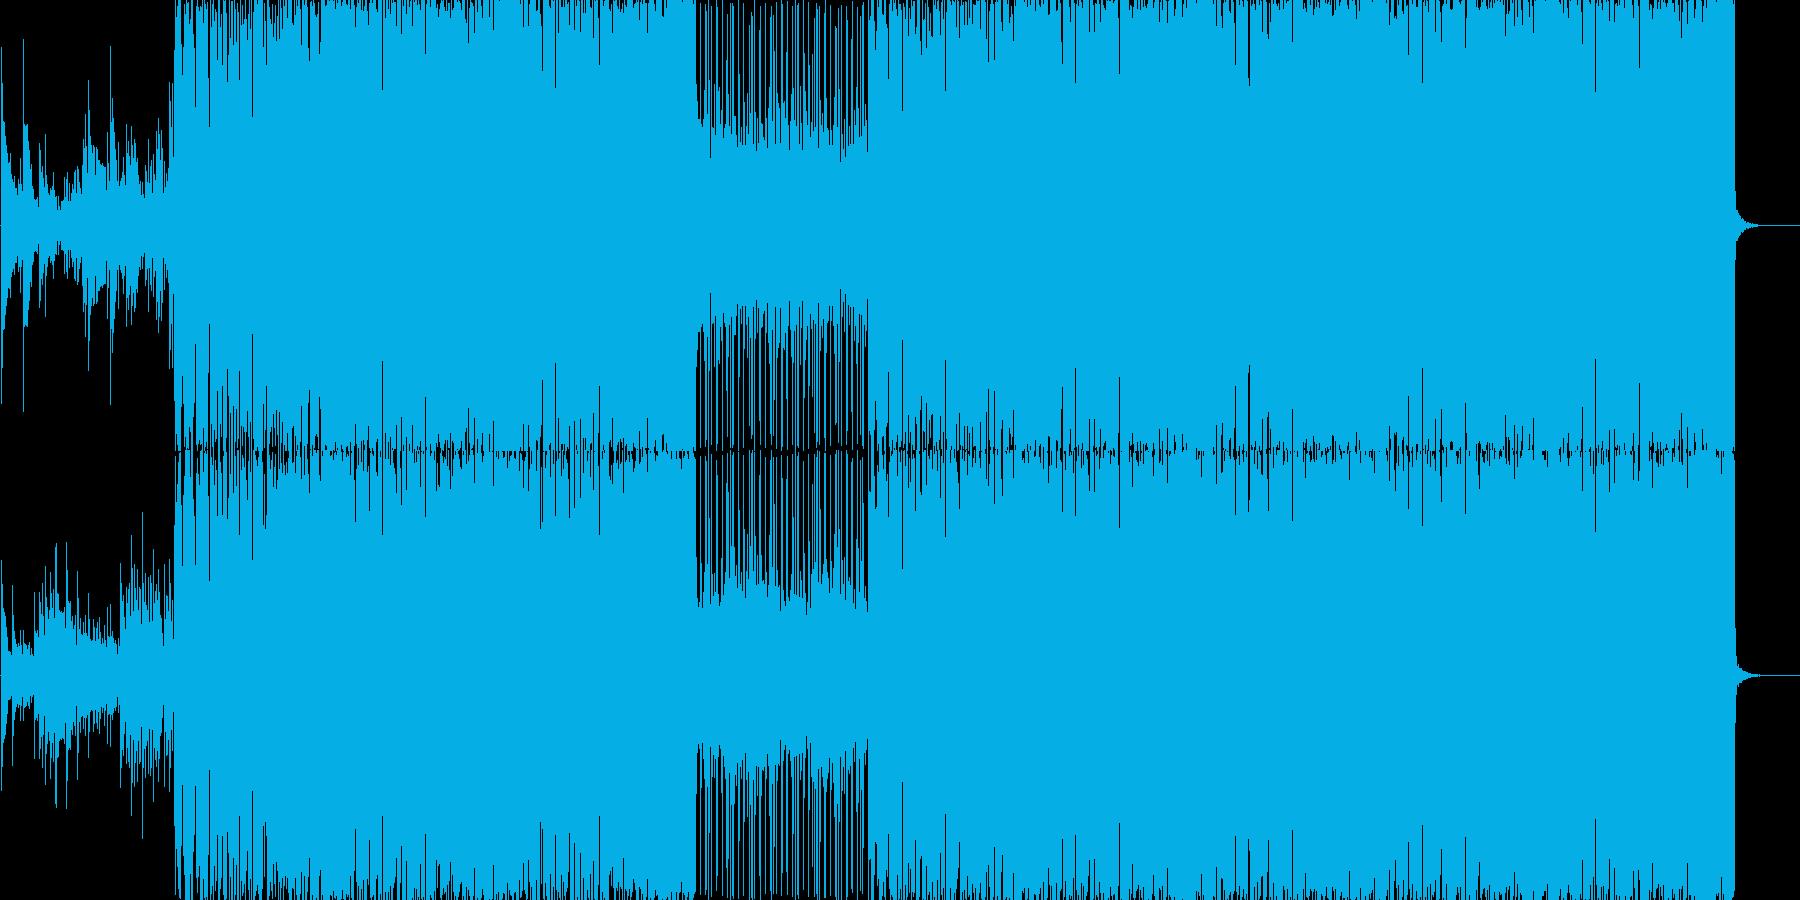 明るく期待感に溢れるロック系BGMですの再生済みの波形